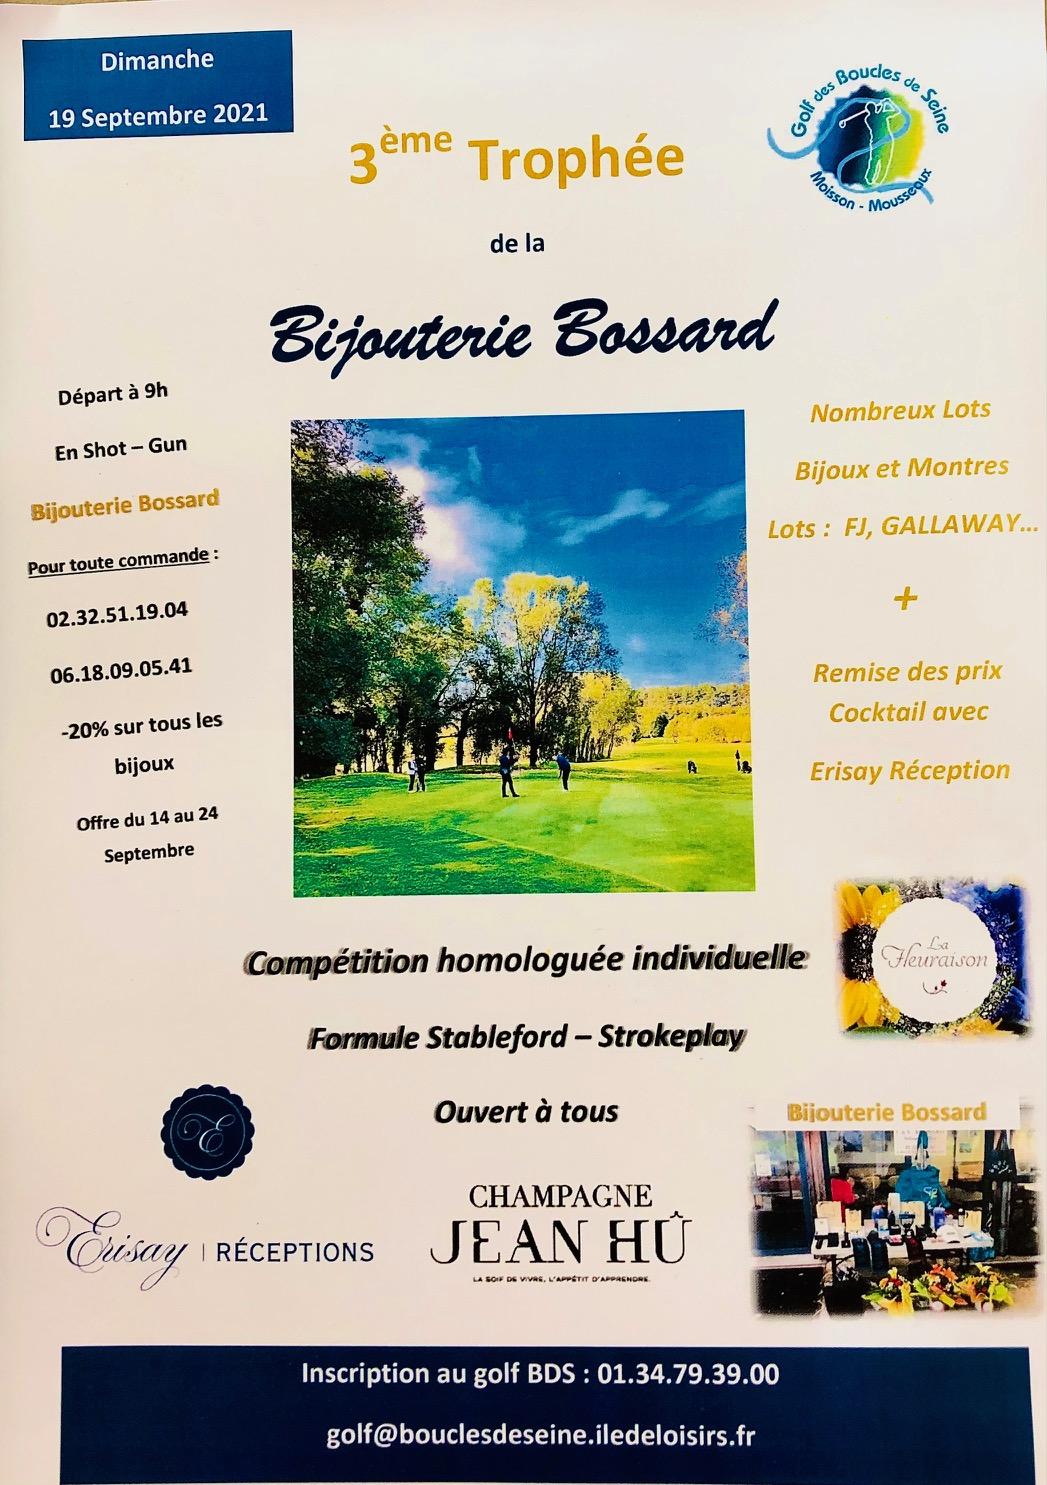 3ème Trophée de la Bijouterie Bossard dimanche 19 septembre au Golf des Boucles de Seine